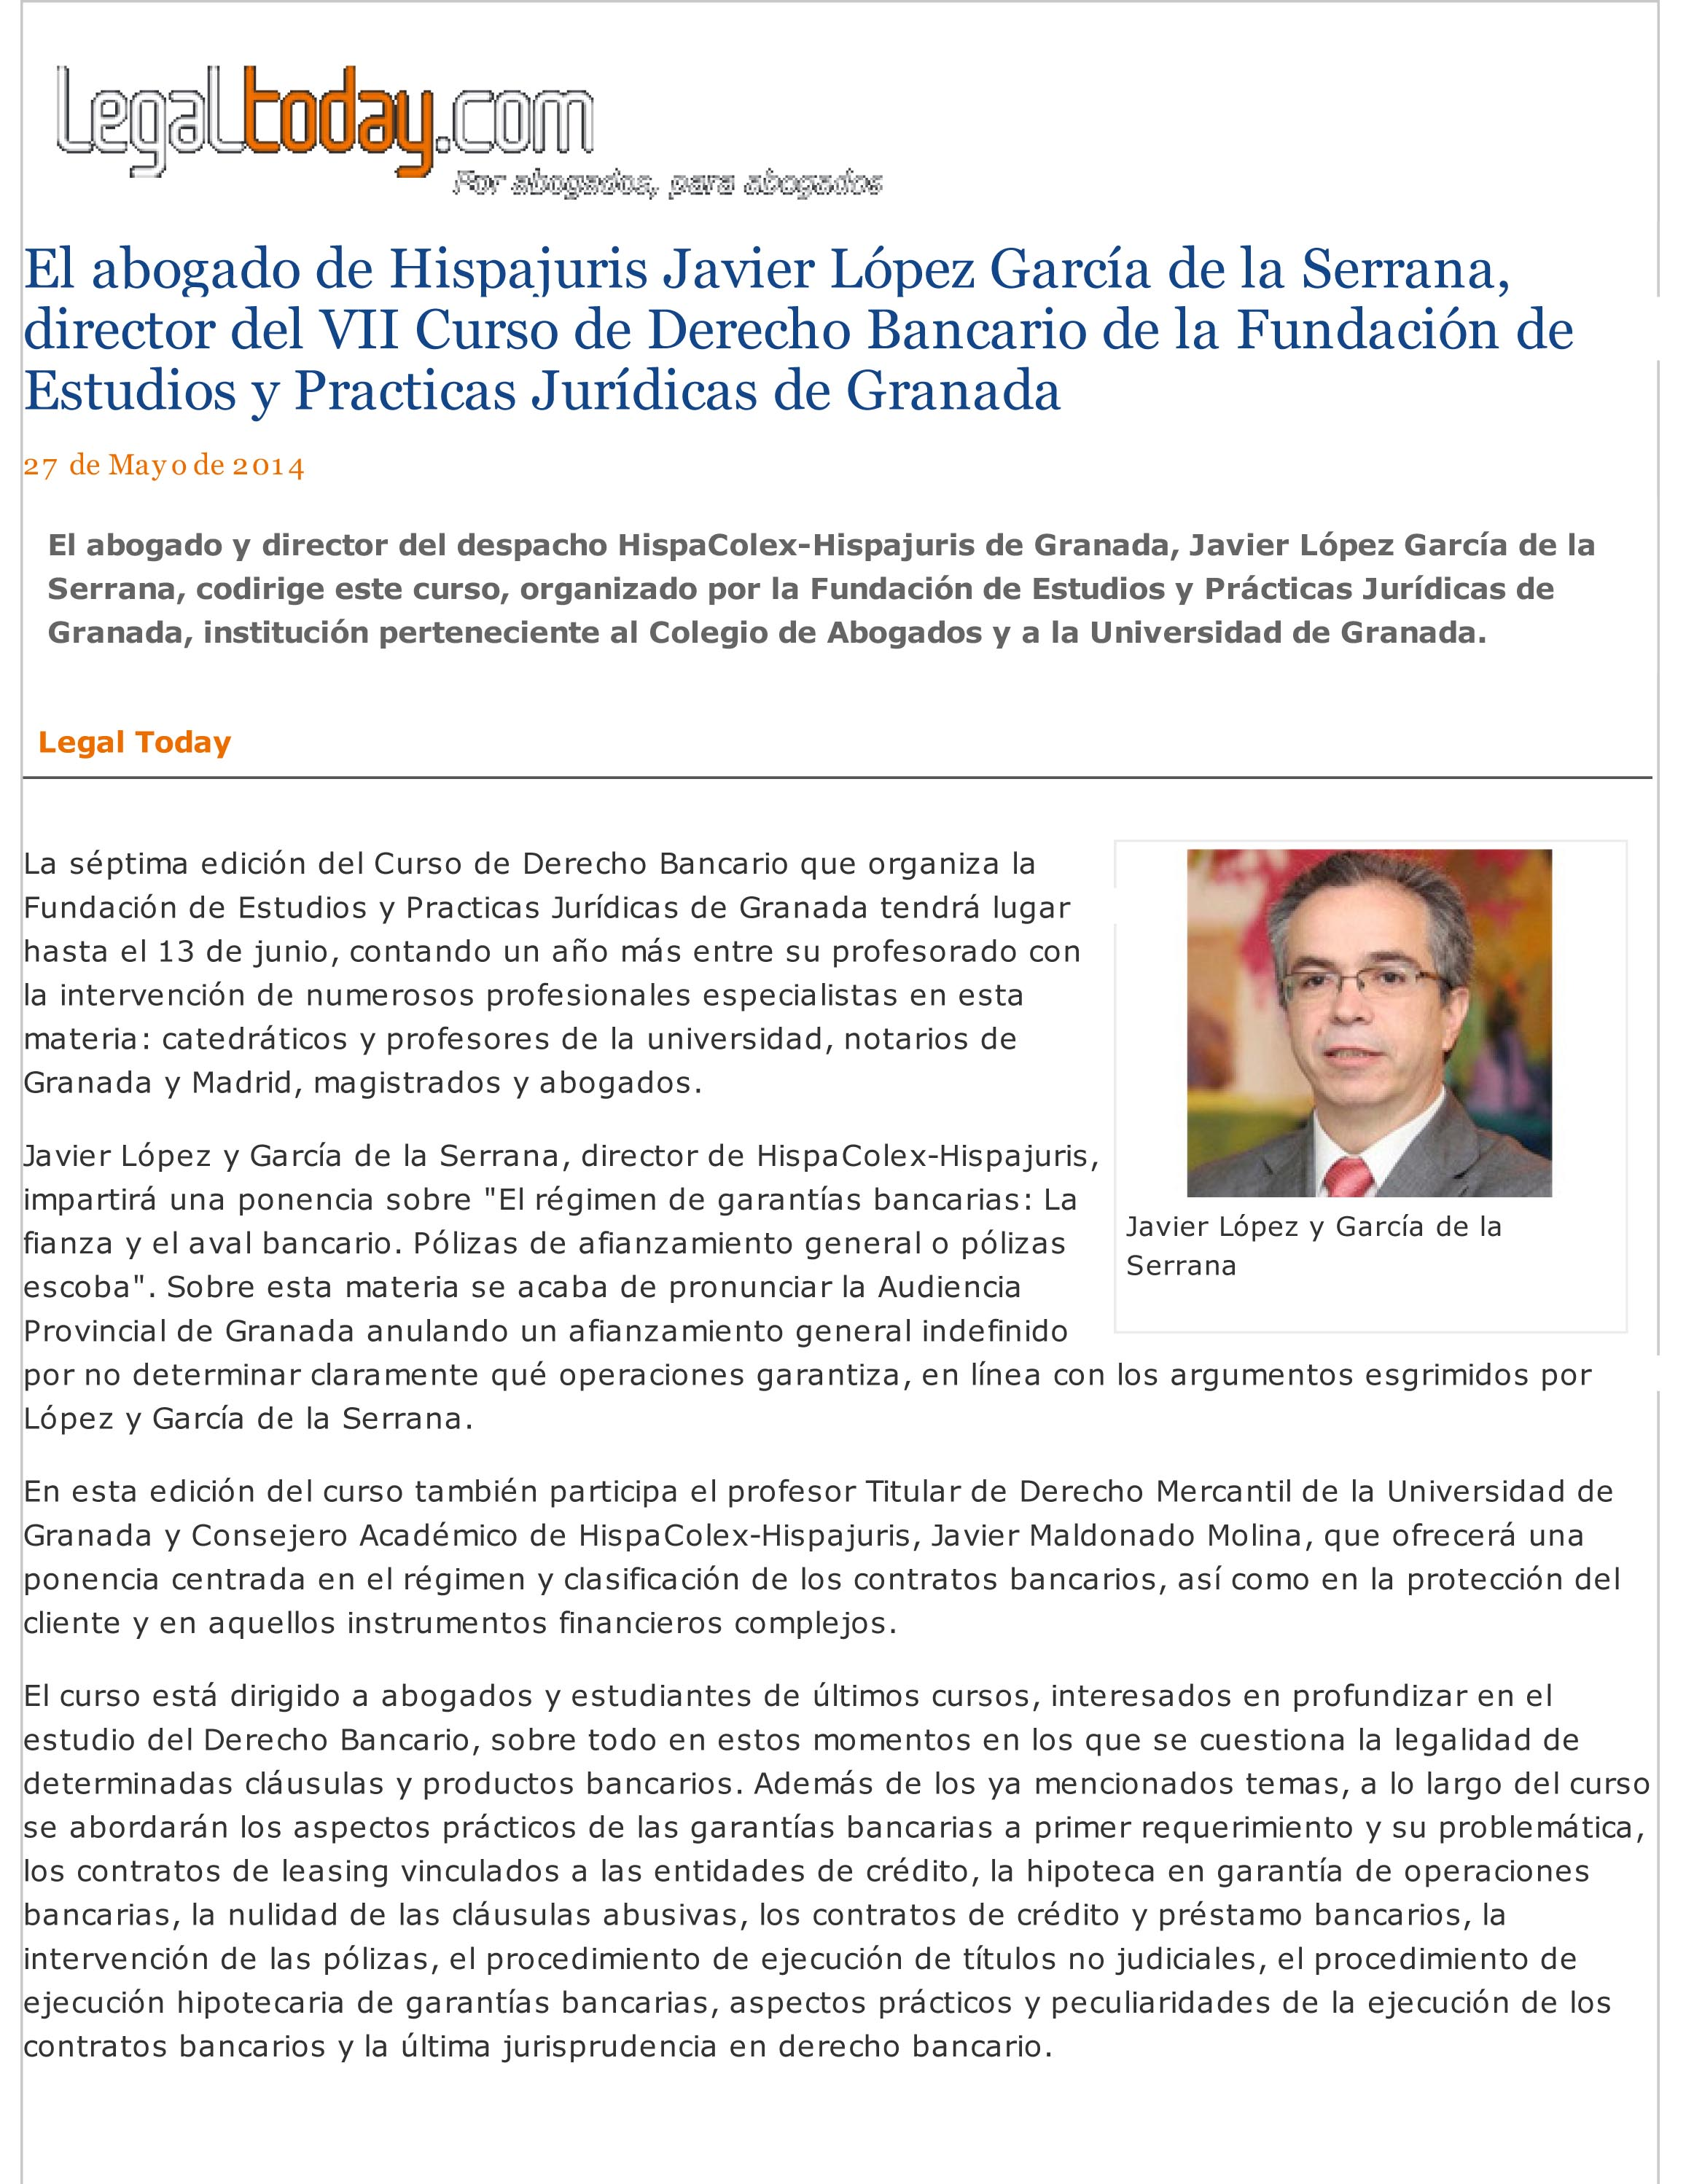 (El abogado de Hispajuris...as Jur355dicas de Granada)